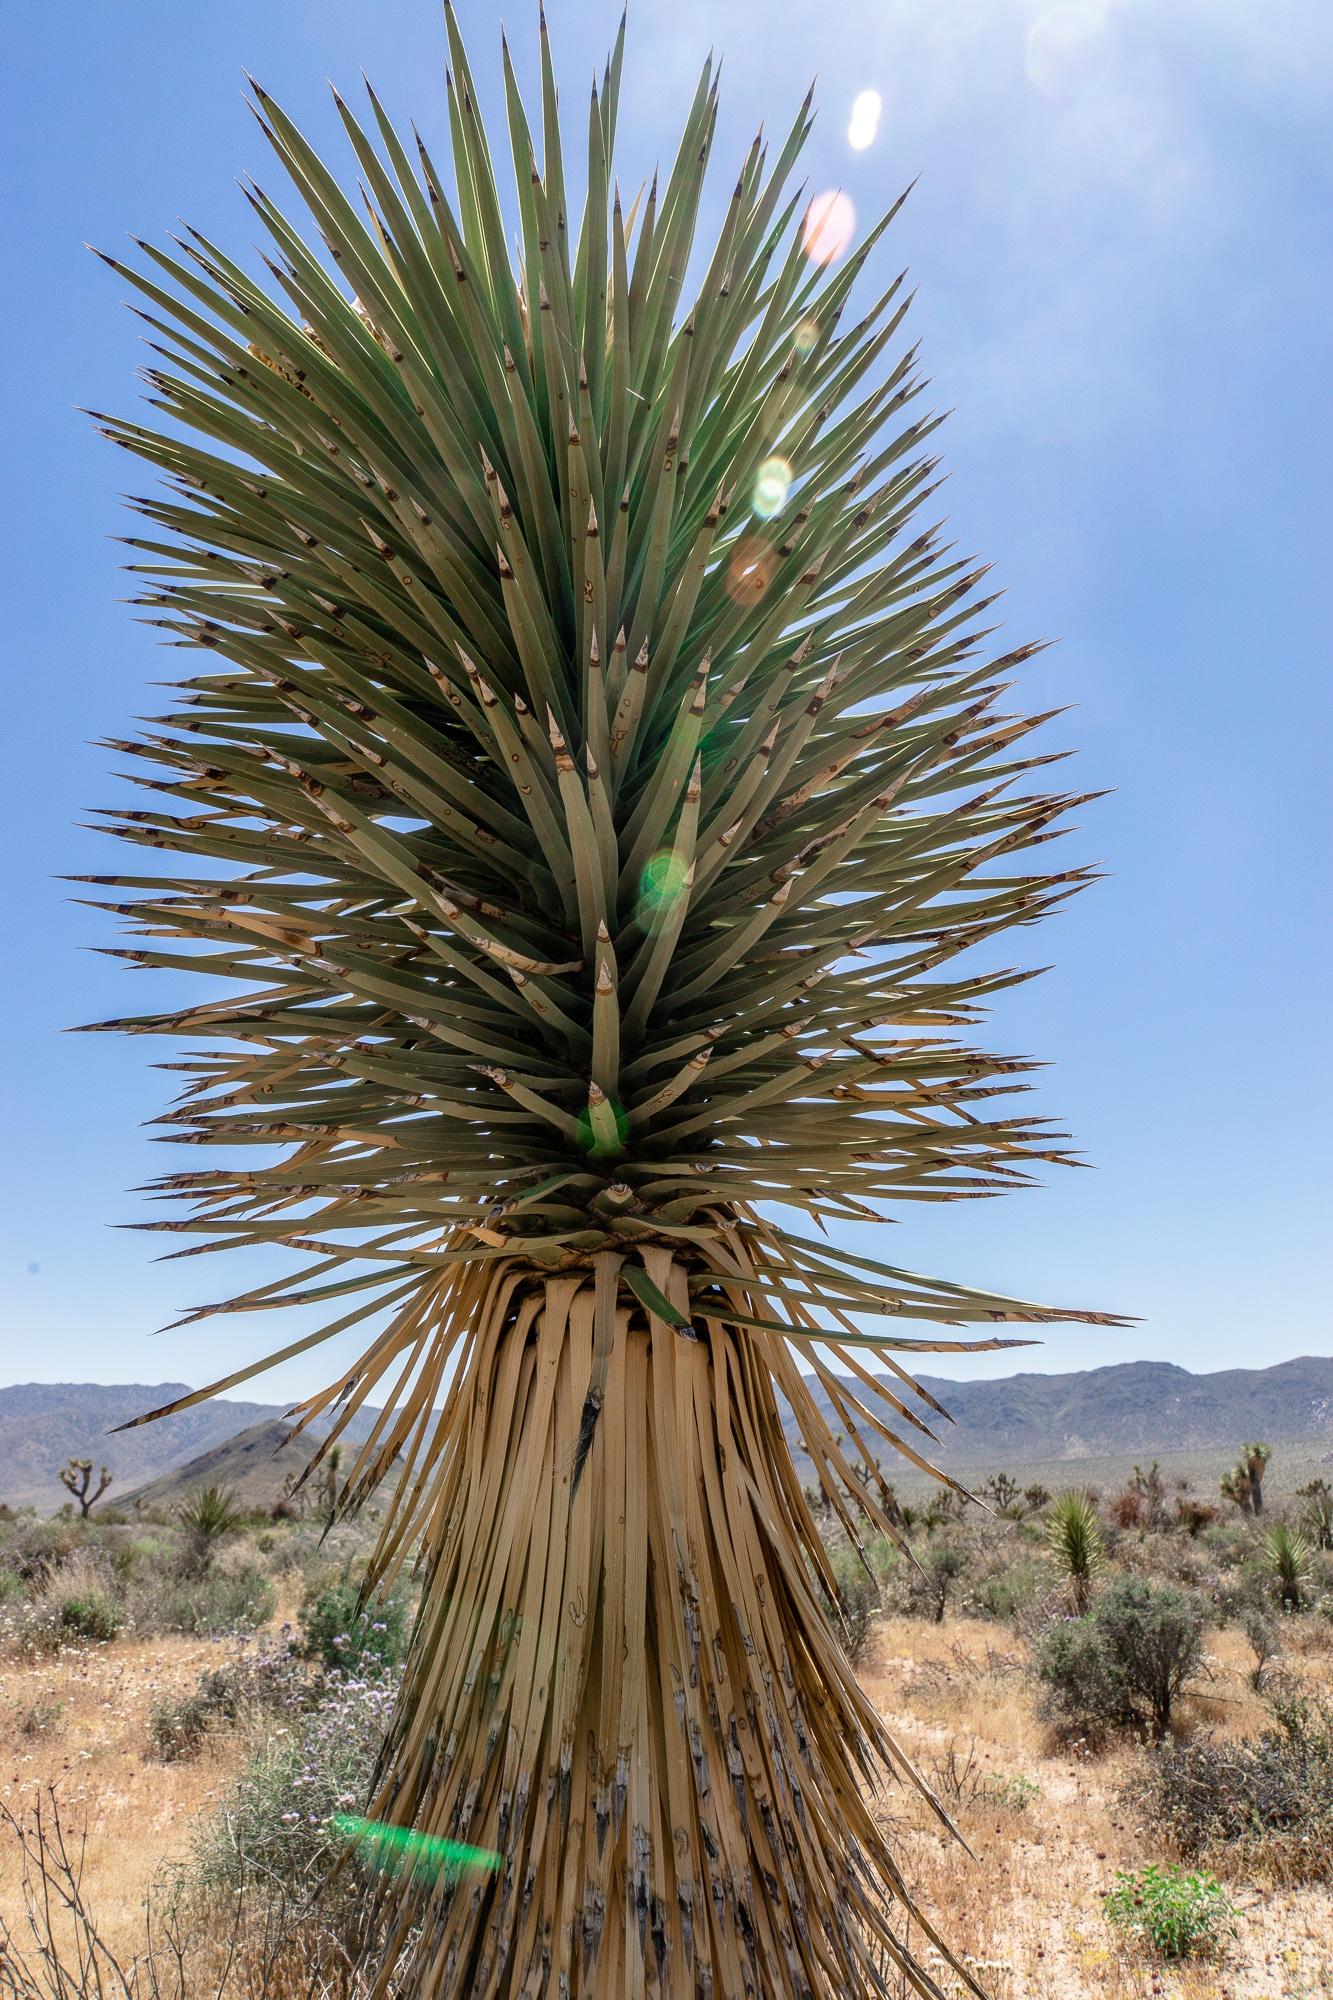 Joshua-Tree-Nationalpark: Die schönsten Sehenswürdigkeiten & Highlights - Palme